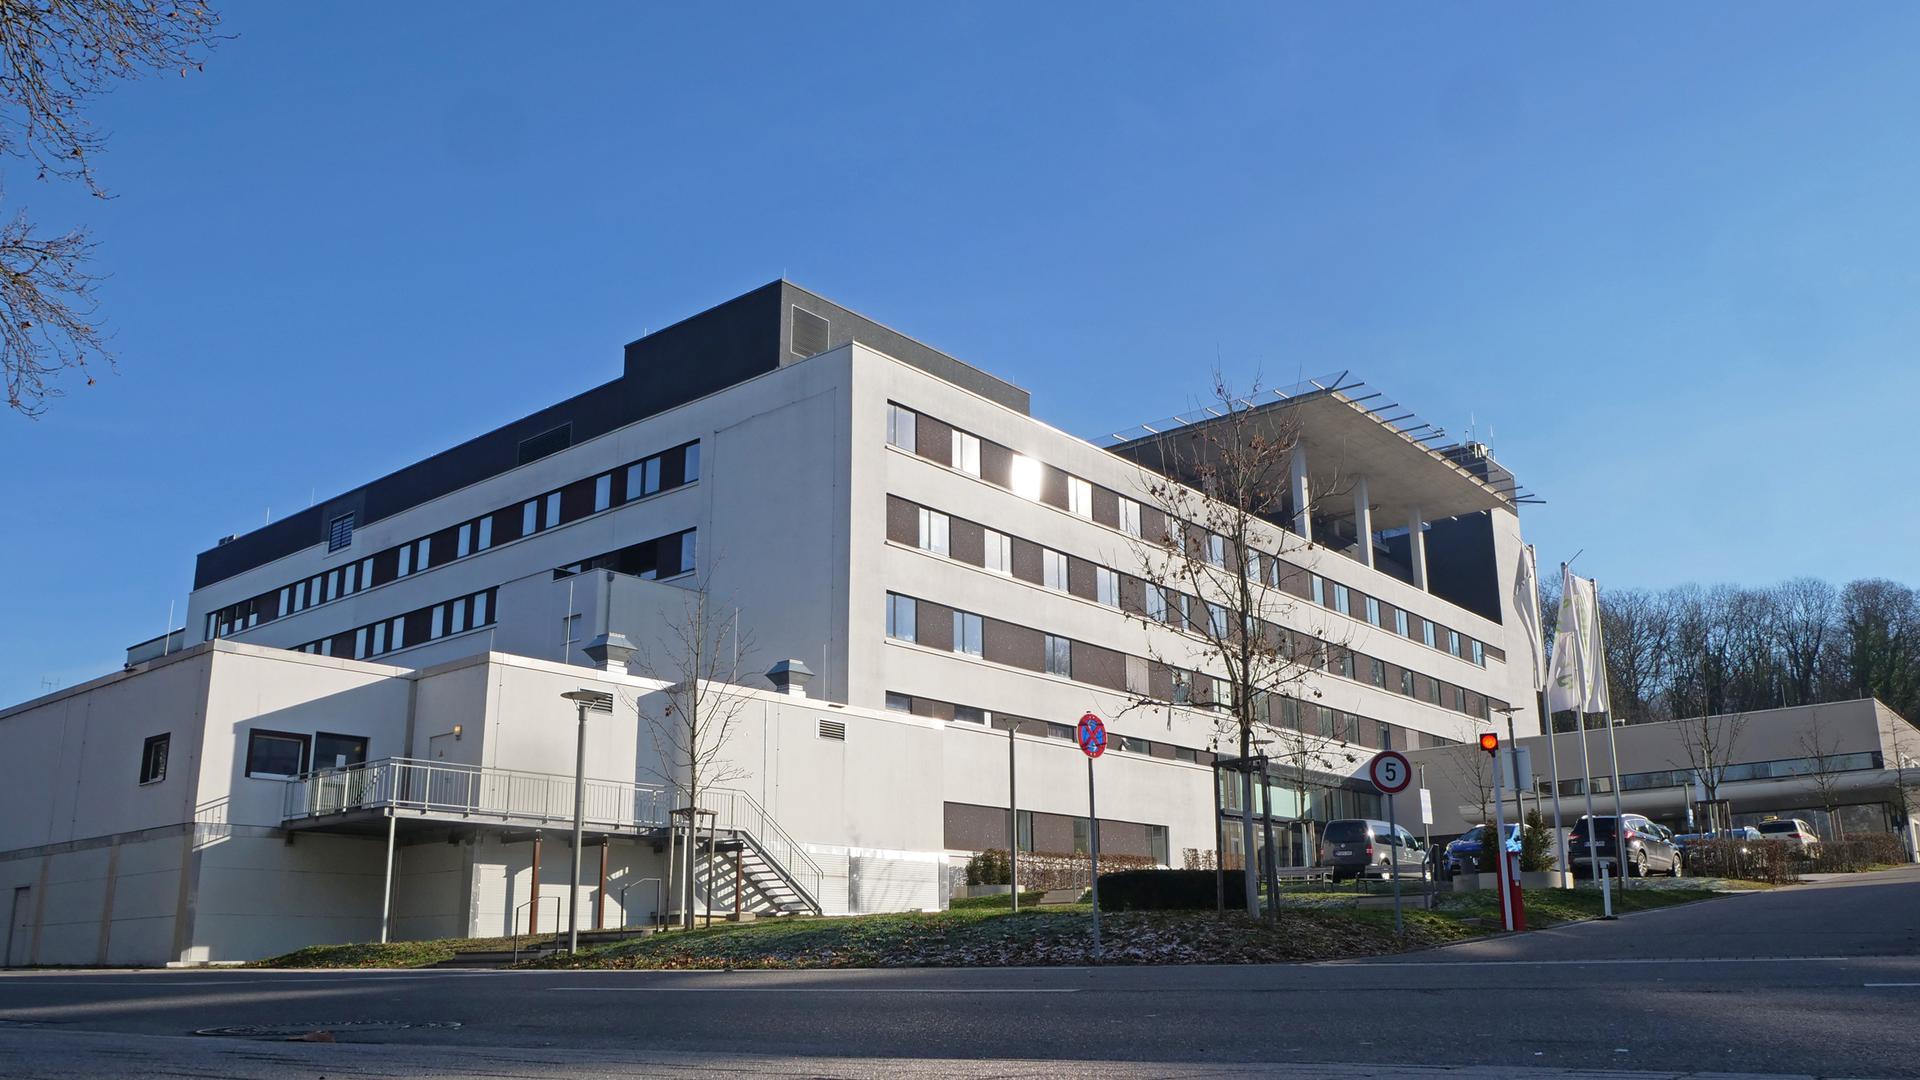 Im Helios Klinikum werden derzeit 35 an Corona erkrankte Patienten behandelt, davon sieben auf der Intensivstation